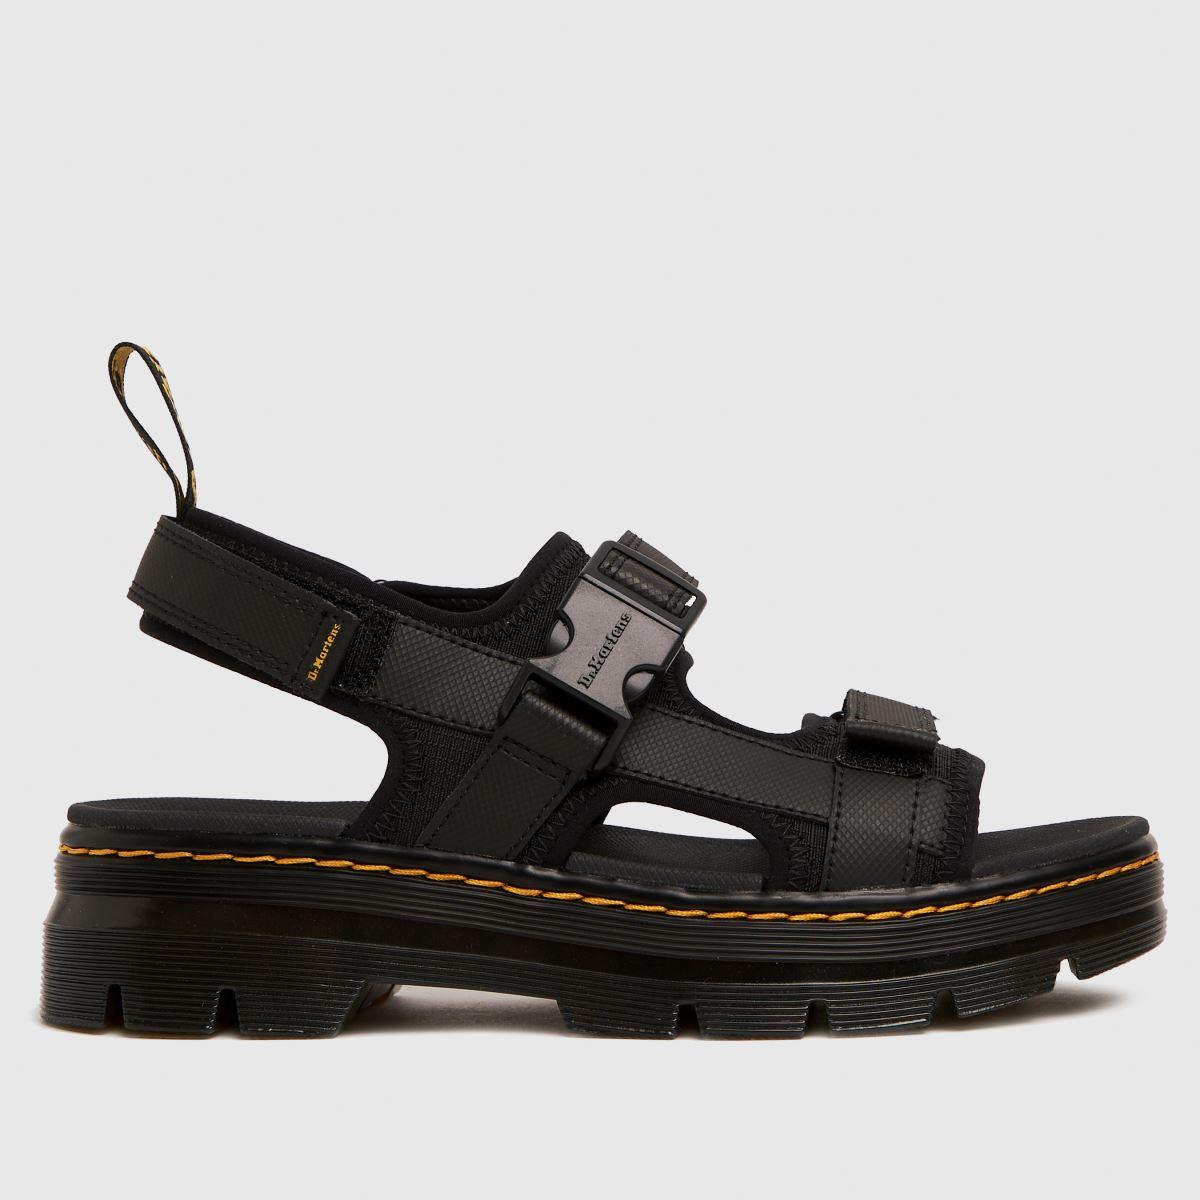 Dr Martens Black Forster Black Sandals